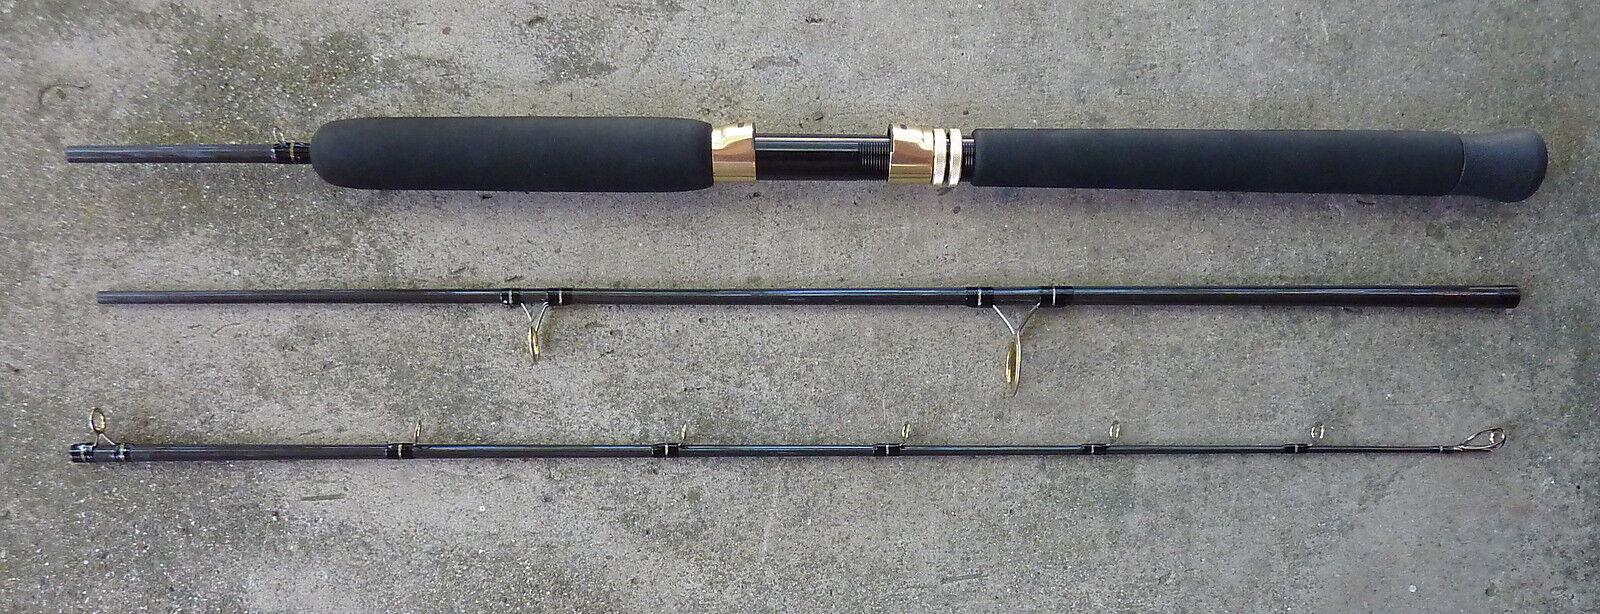 Tarpon Mahi Custom Travel Spinning (fixed spool) Fishing Rod -- 30 Lb. Class